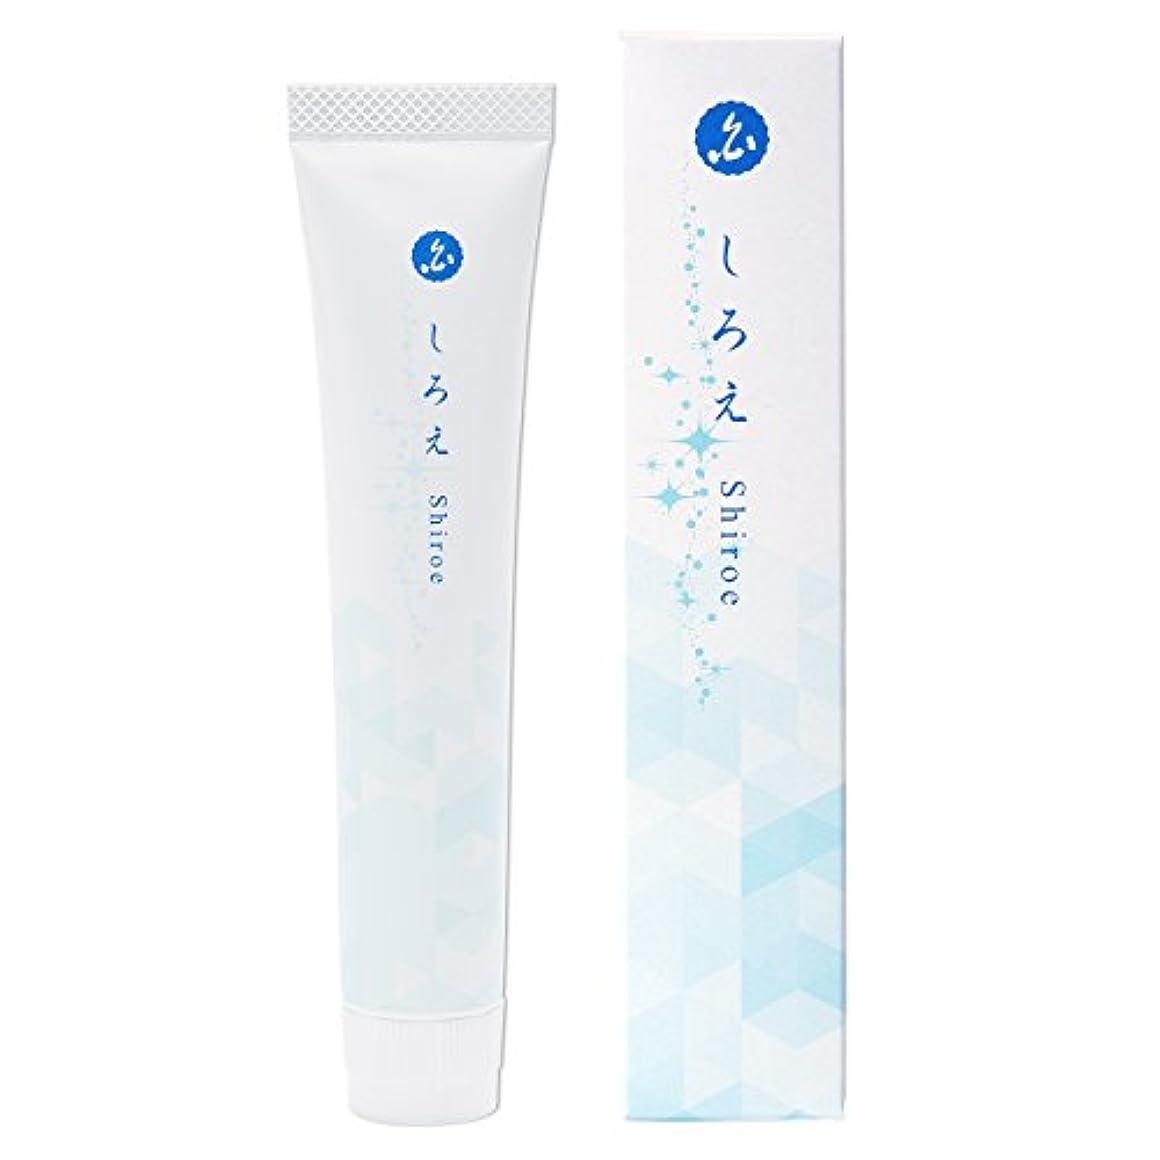 適用済み安全性アスレチックしろえ 歯磨きジェル 薬用 ホワイトニング歯磨き粉 医薬部外品 はみがき粉 50g 日本製